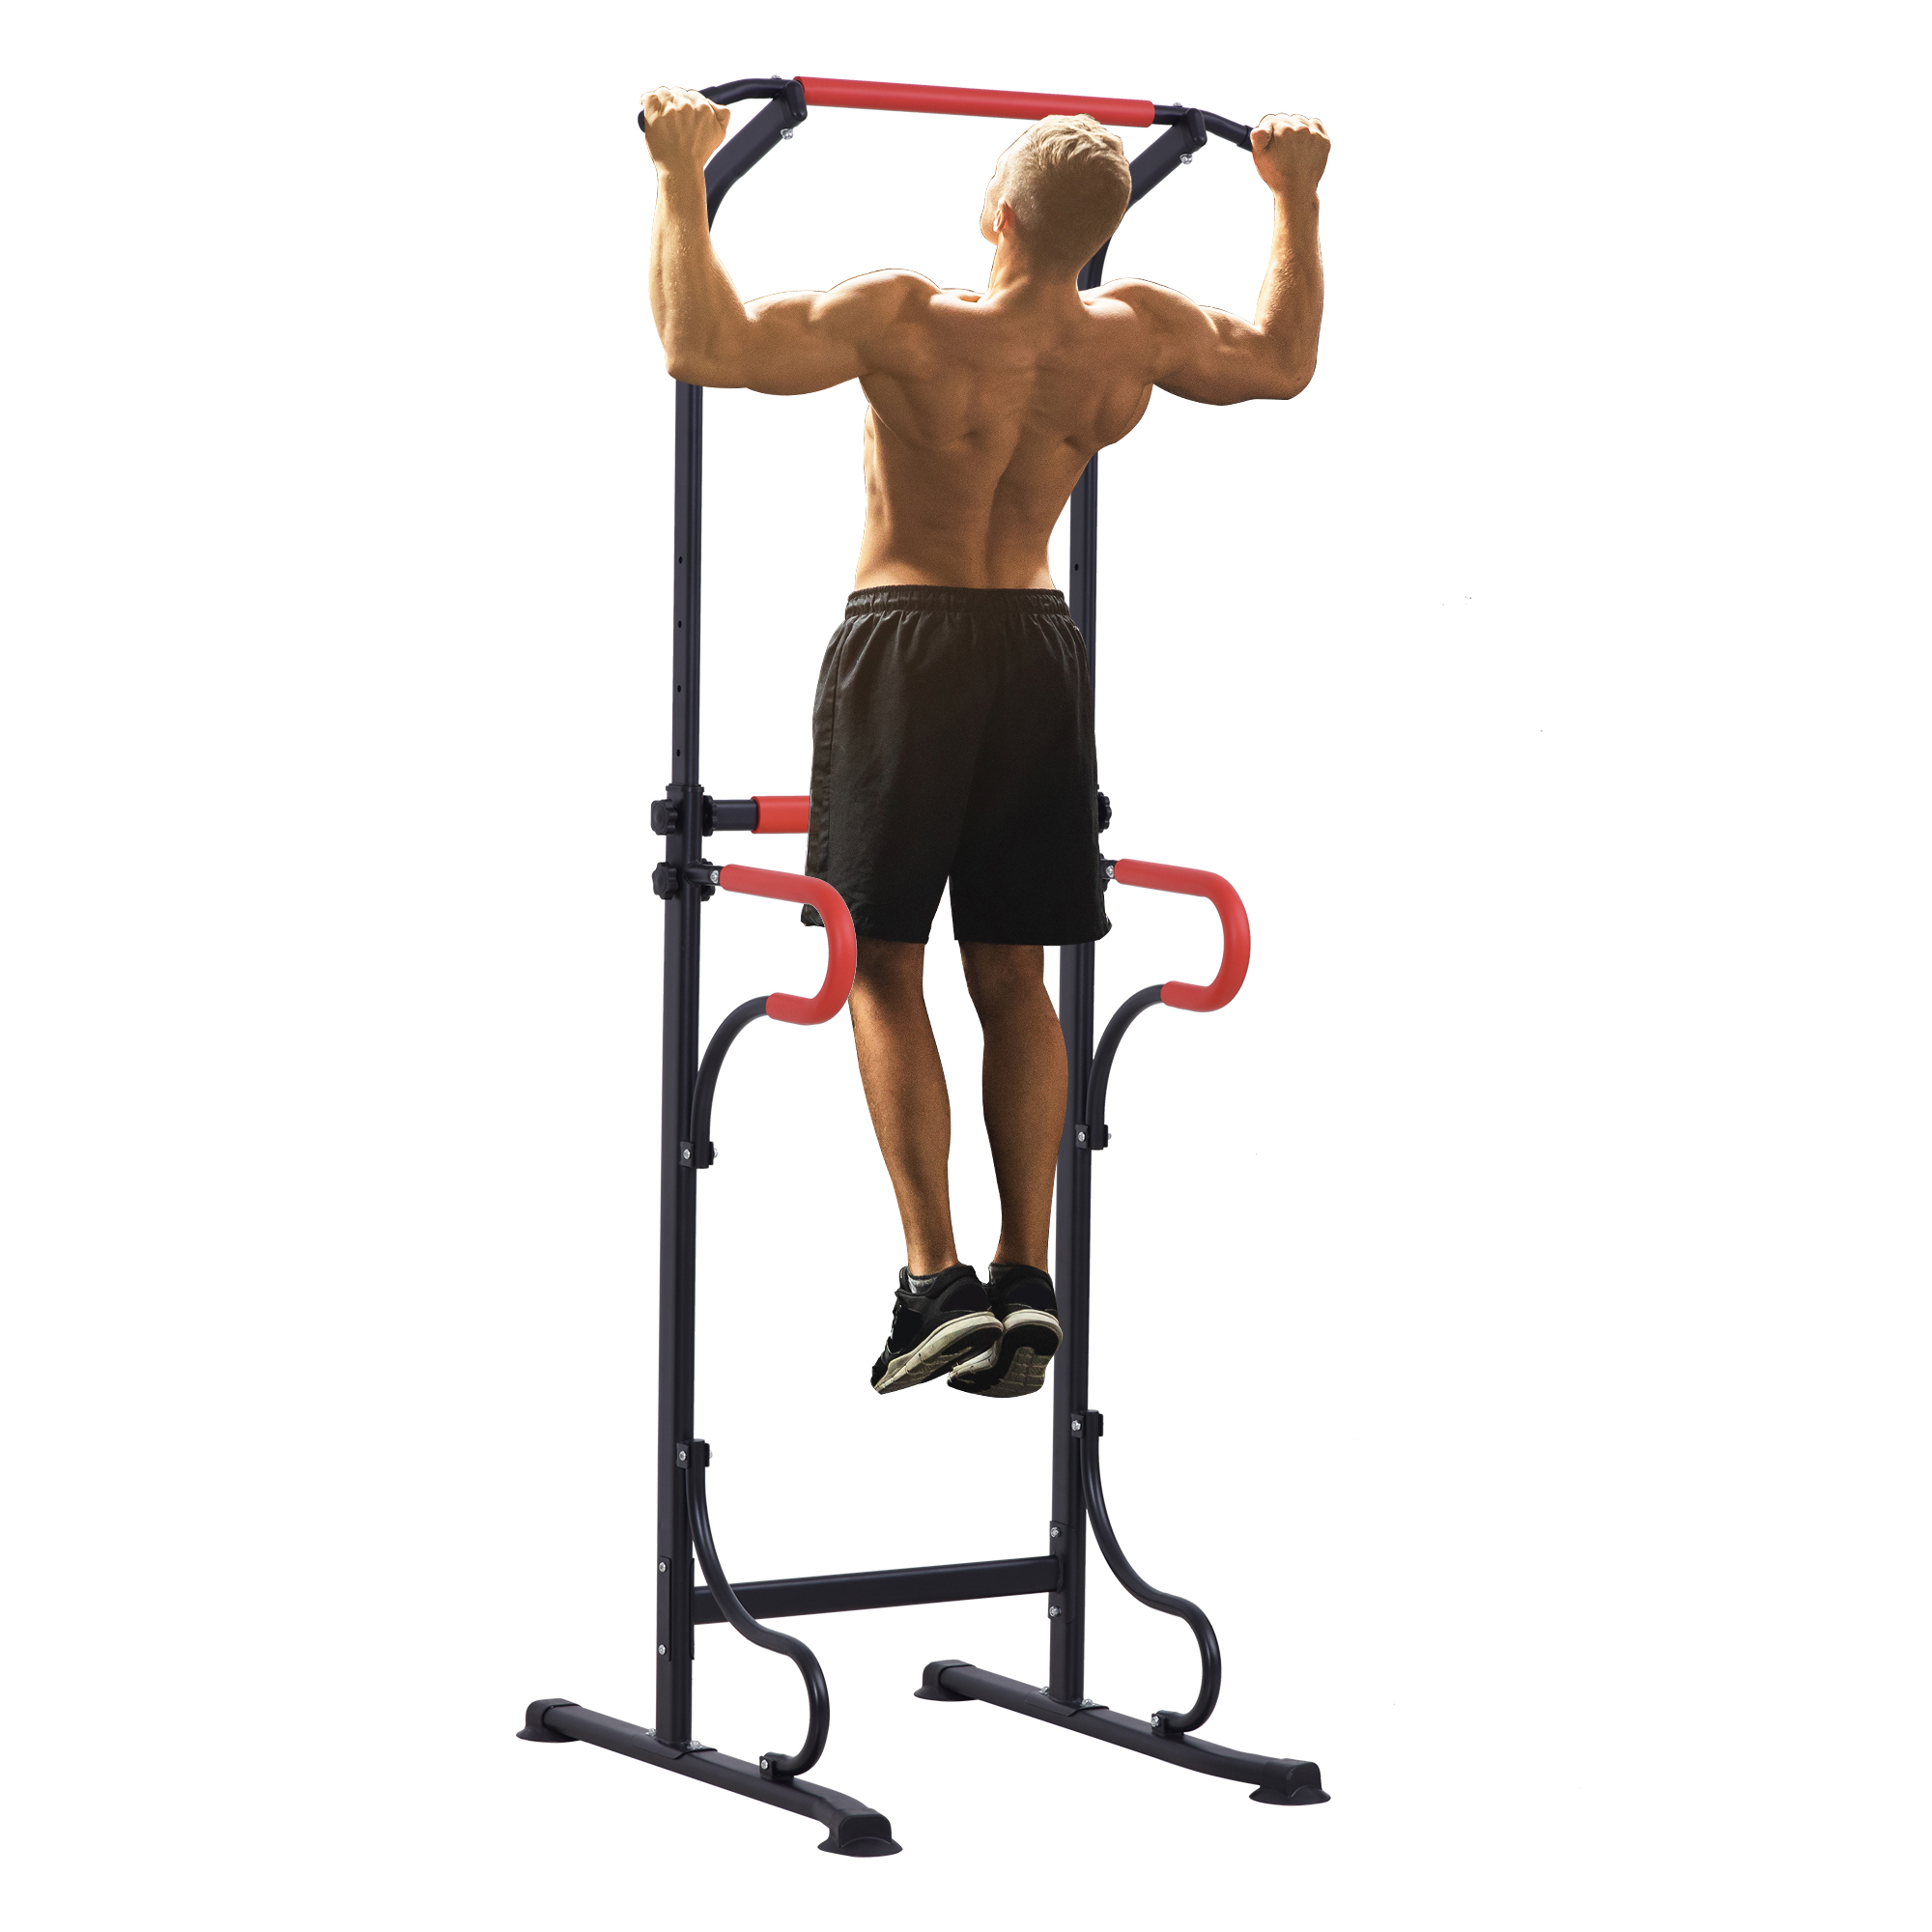 Station de musculation multifonctions hauteur réglable acier noir rouge